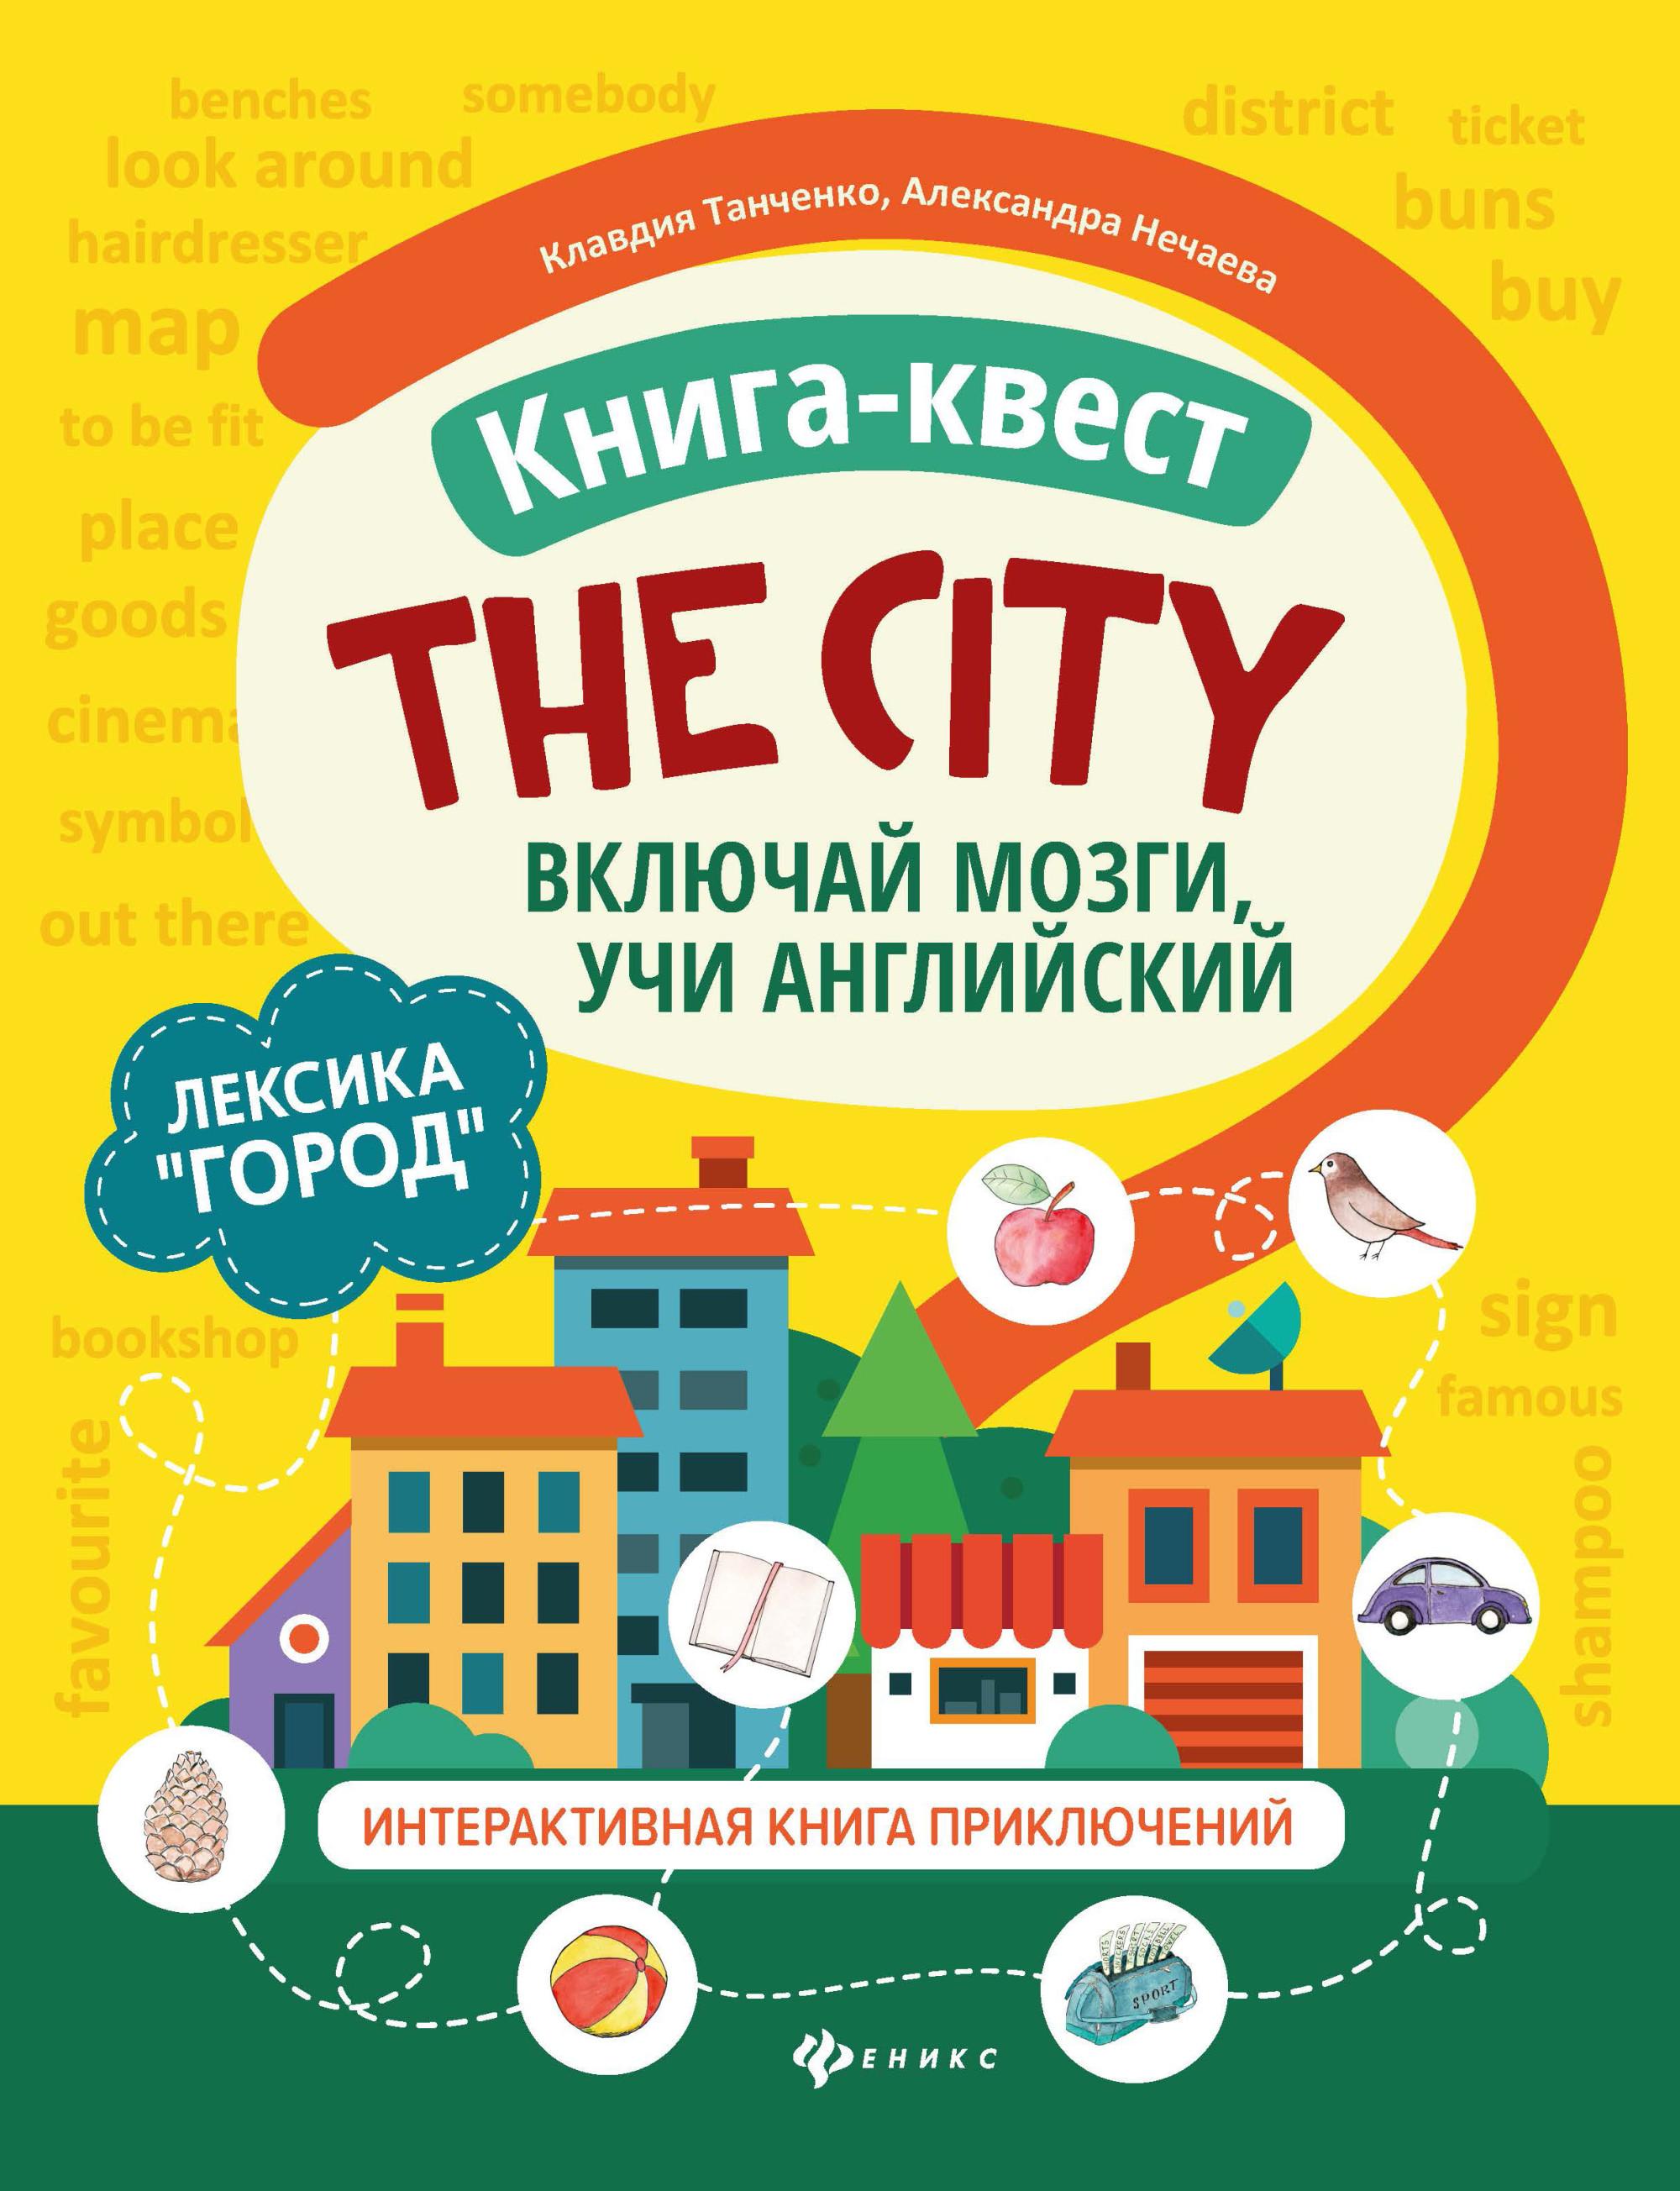 """Книга-квест """"The city"""": лексика """"Город"""": Интерактивная книга приключений"""